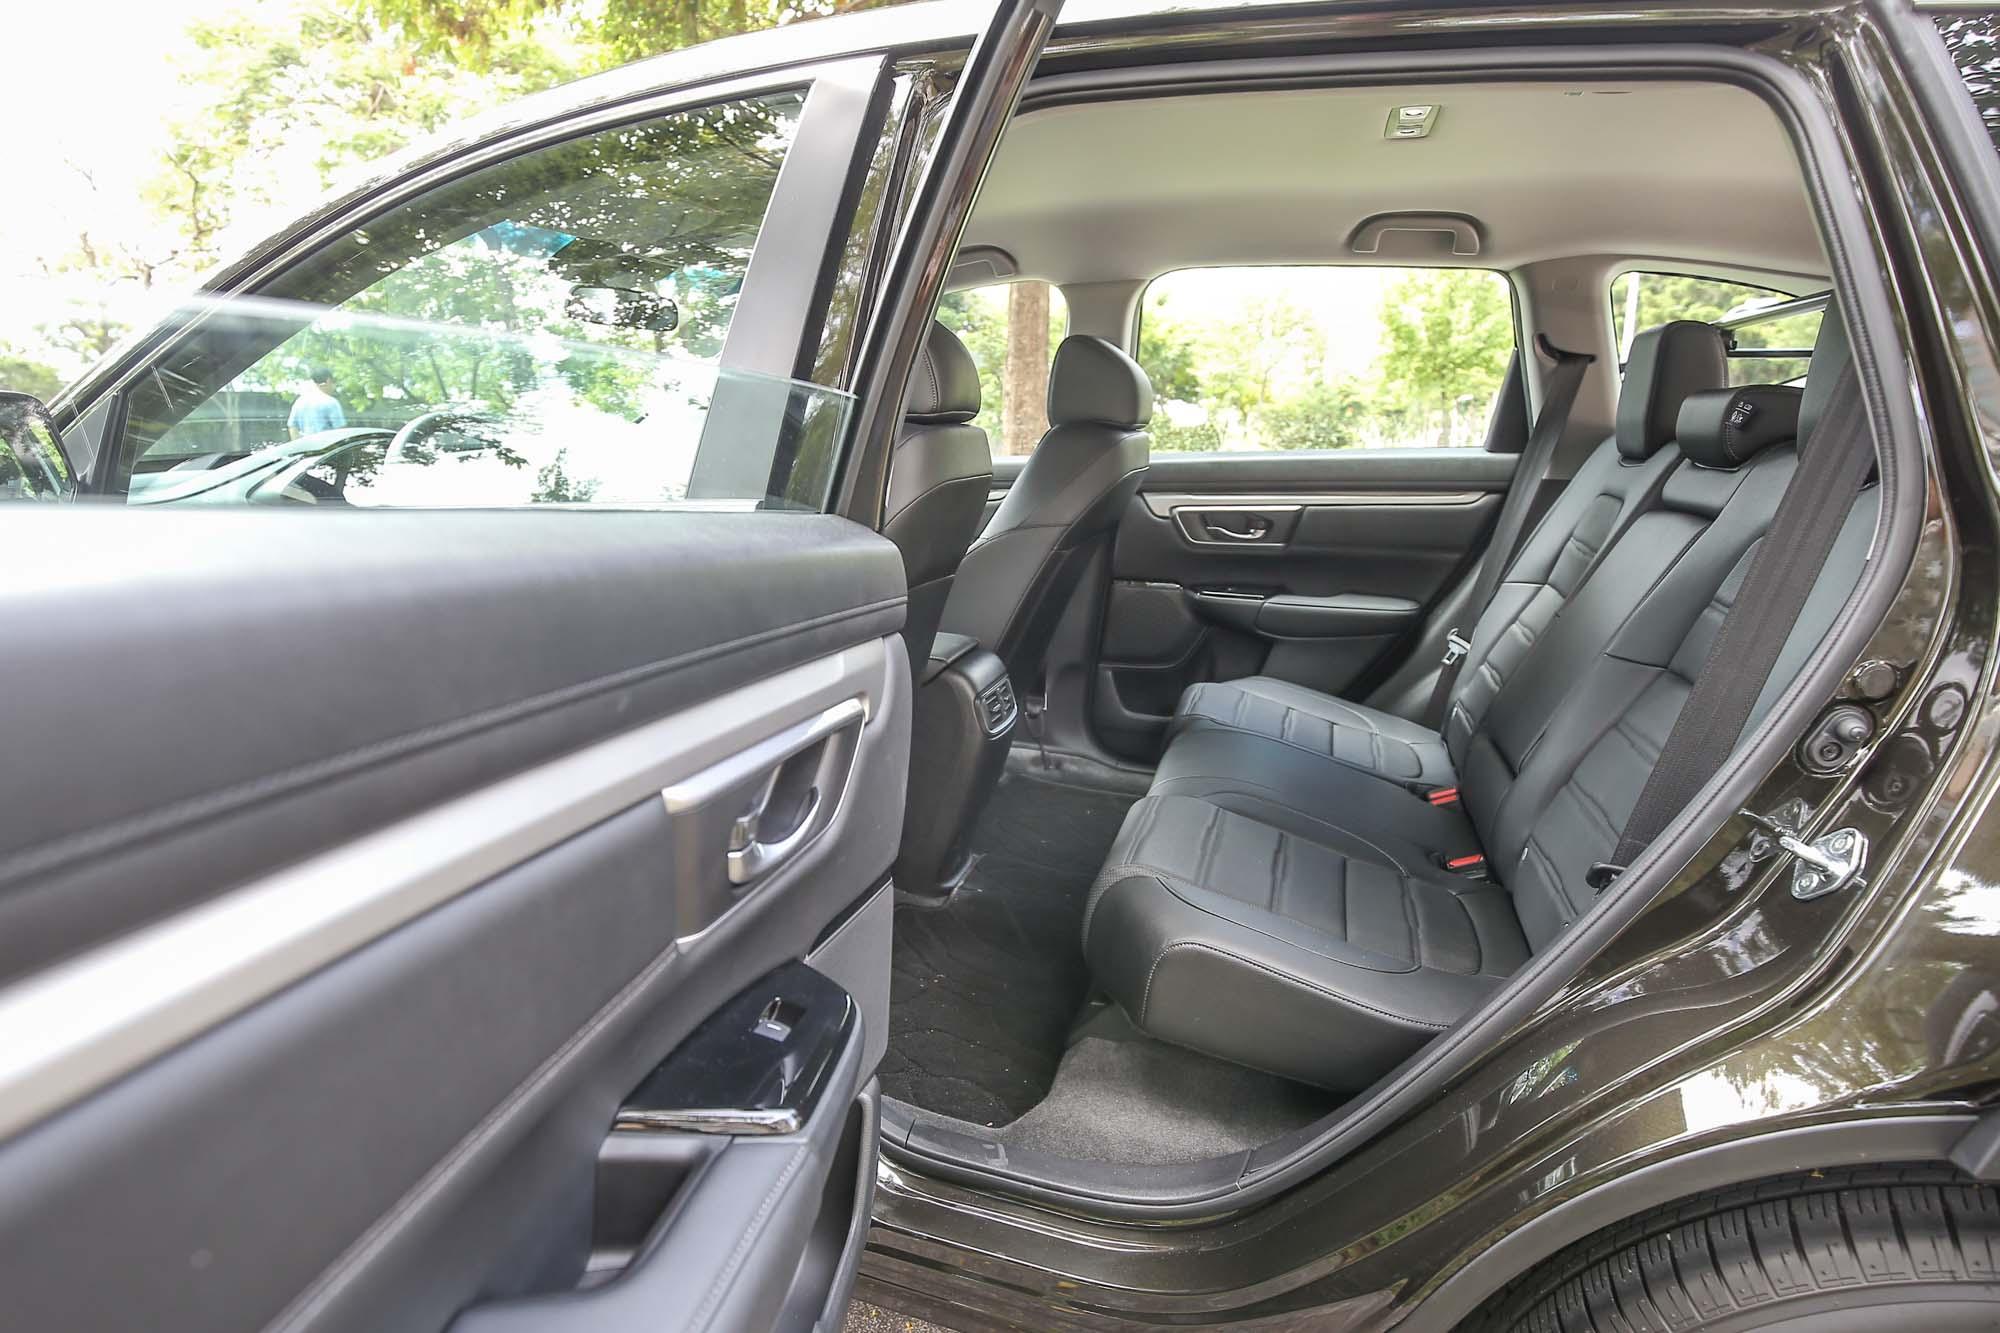 不僅寬敞的後座空間是 CR-V 受消費者津津樂道的優點,近乎 90 度的車門開啟角度,更添增上下車便利。